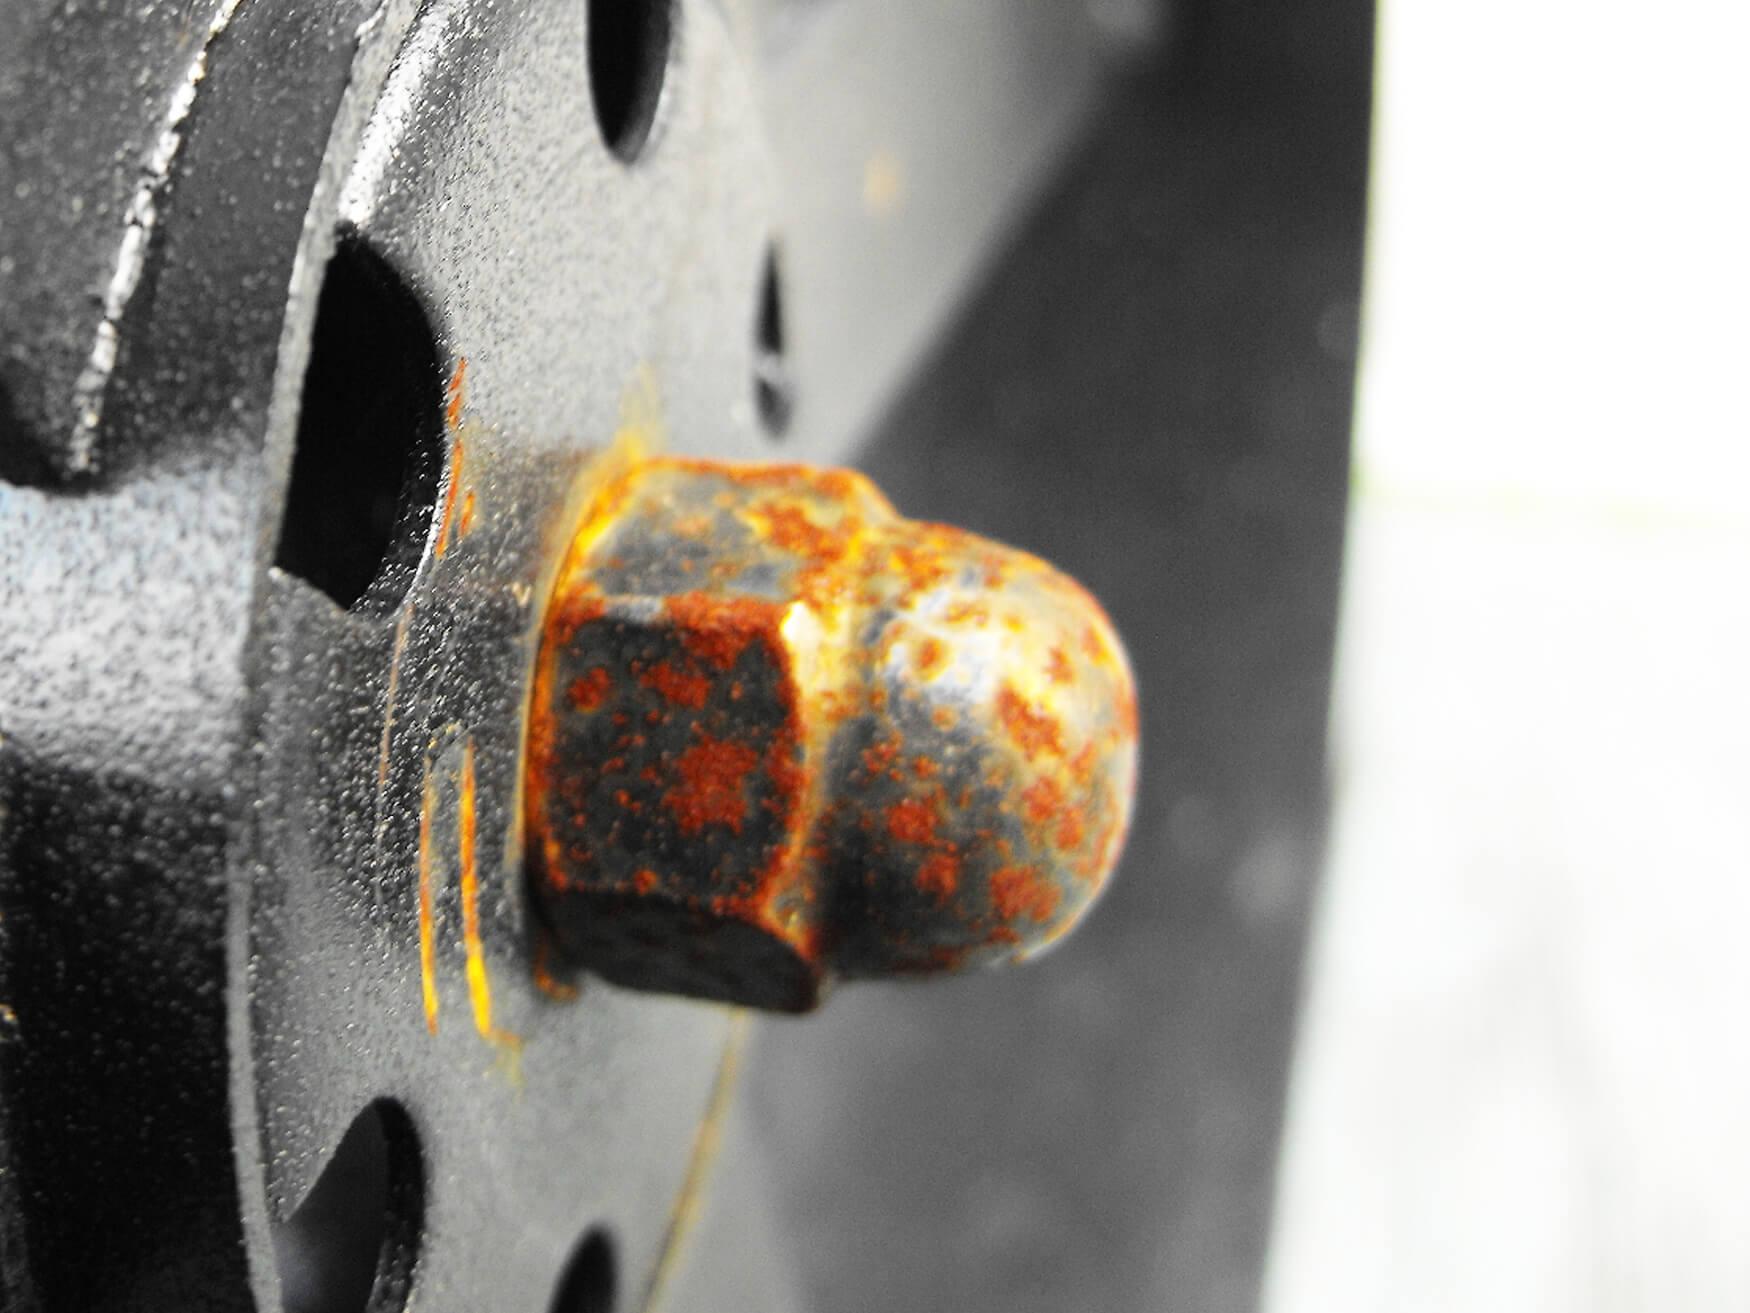 défaillance corrosion usure